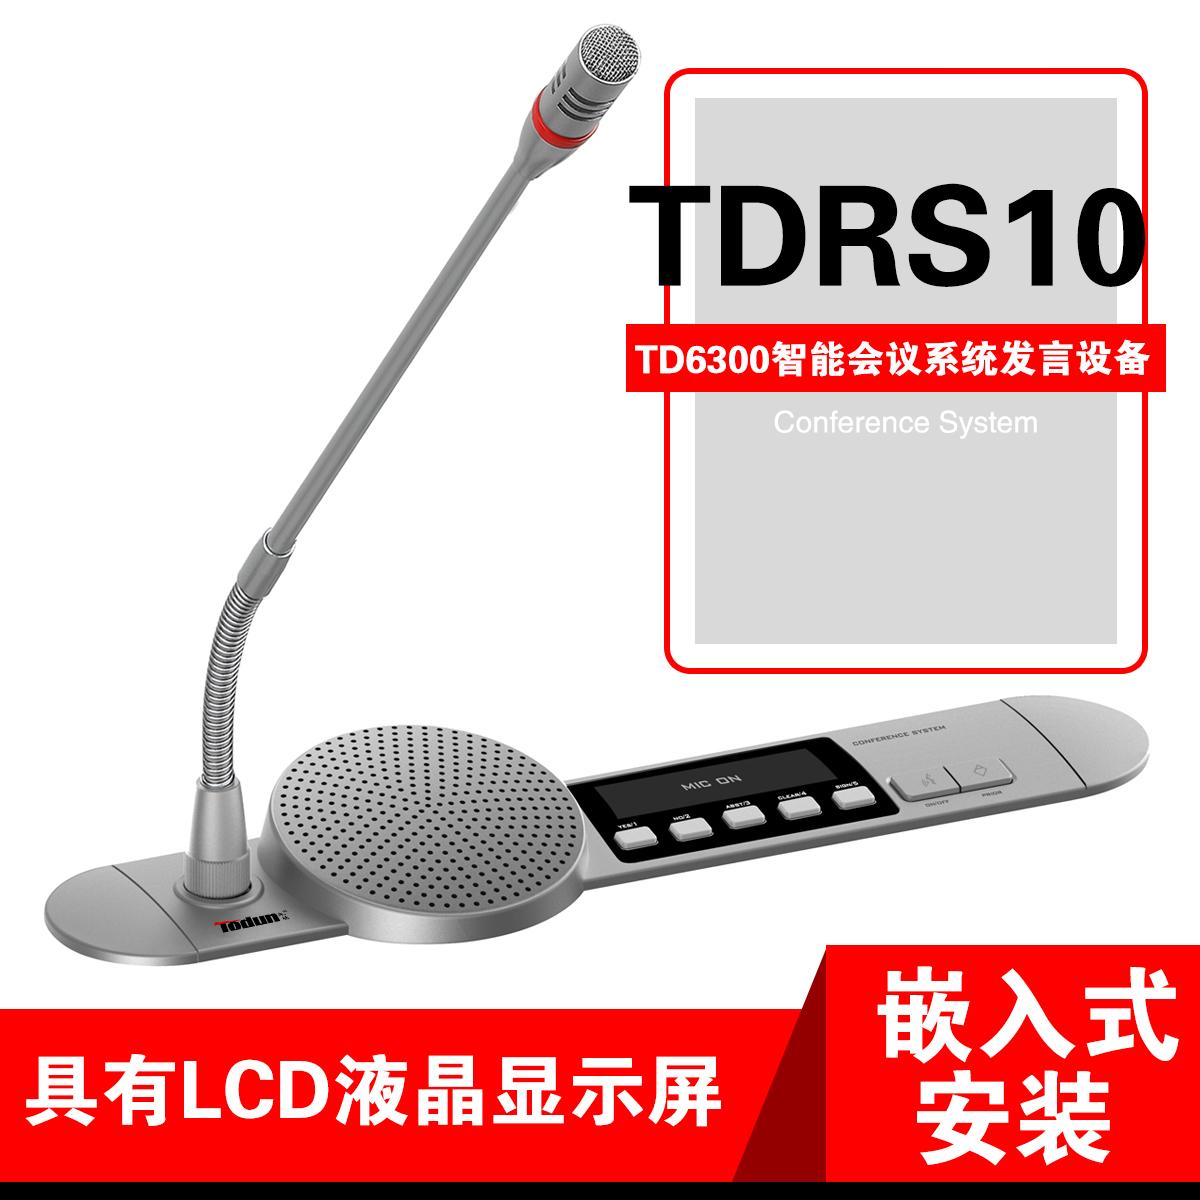 视频会议系统服务器,远程视频会议系统价格, 视频会议系统,多媒体会议系统设计,多媒体会议系统作用